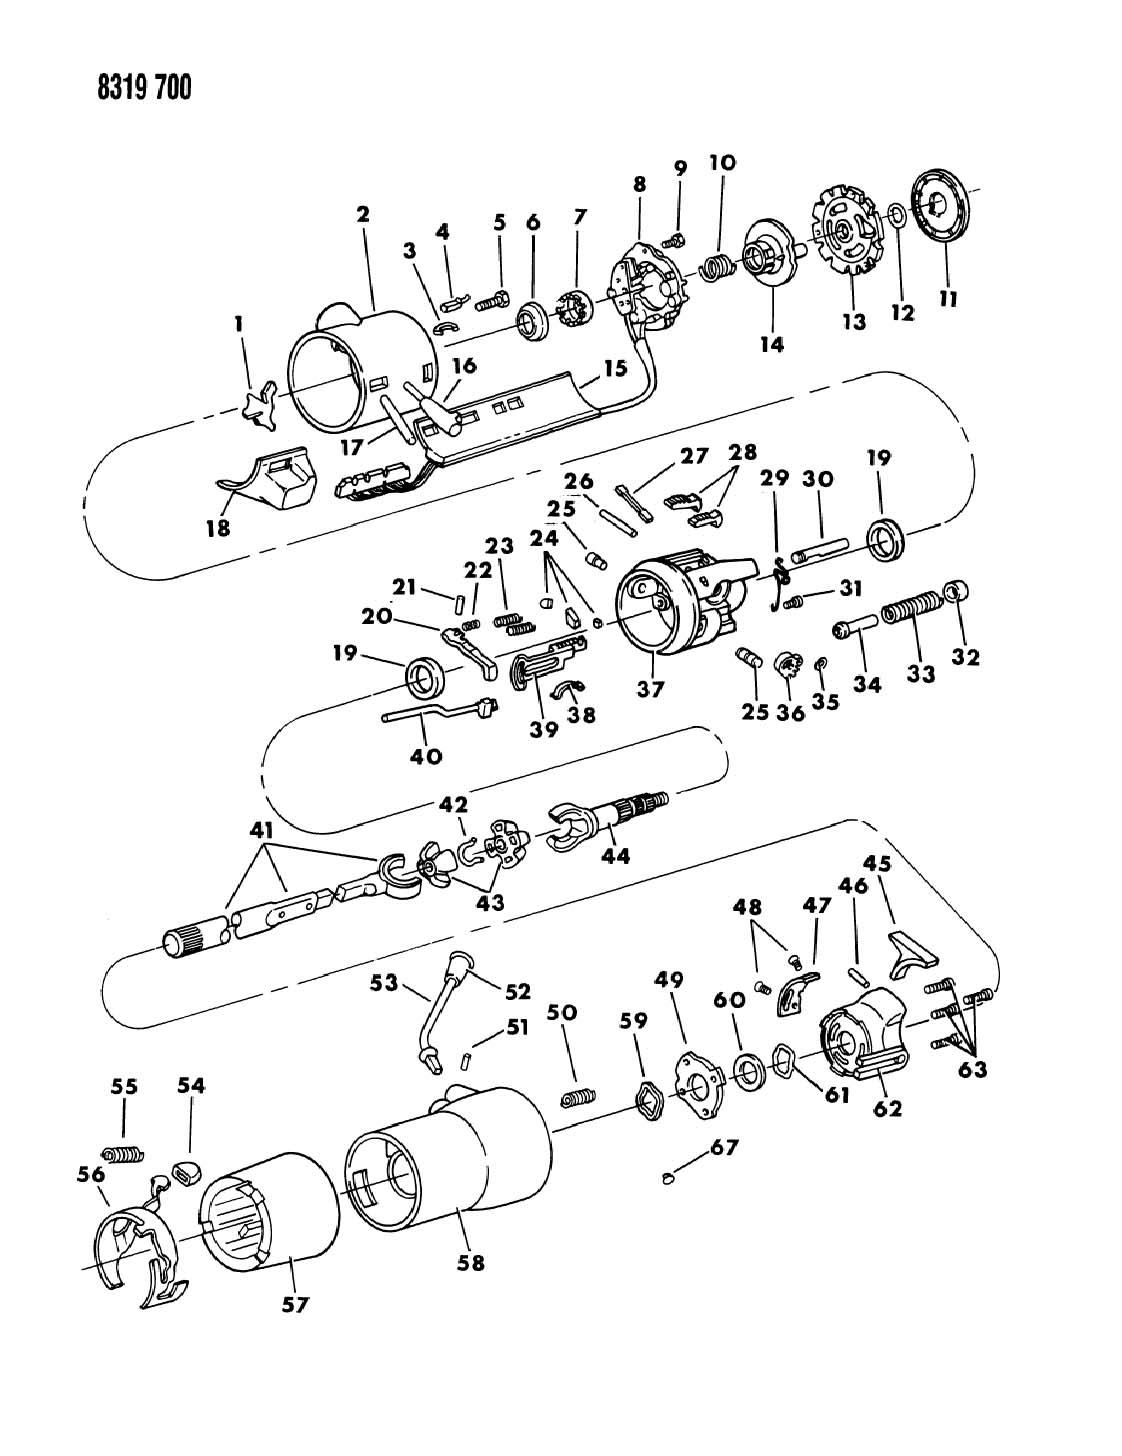 Dodge Column Steering Upper With Tilt B N D T Body